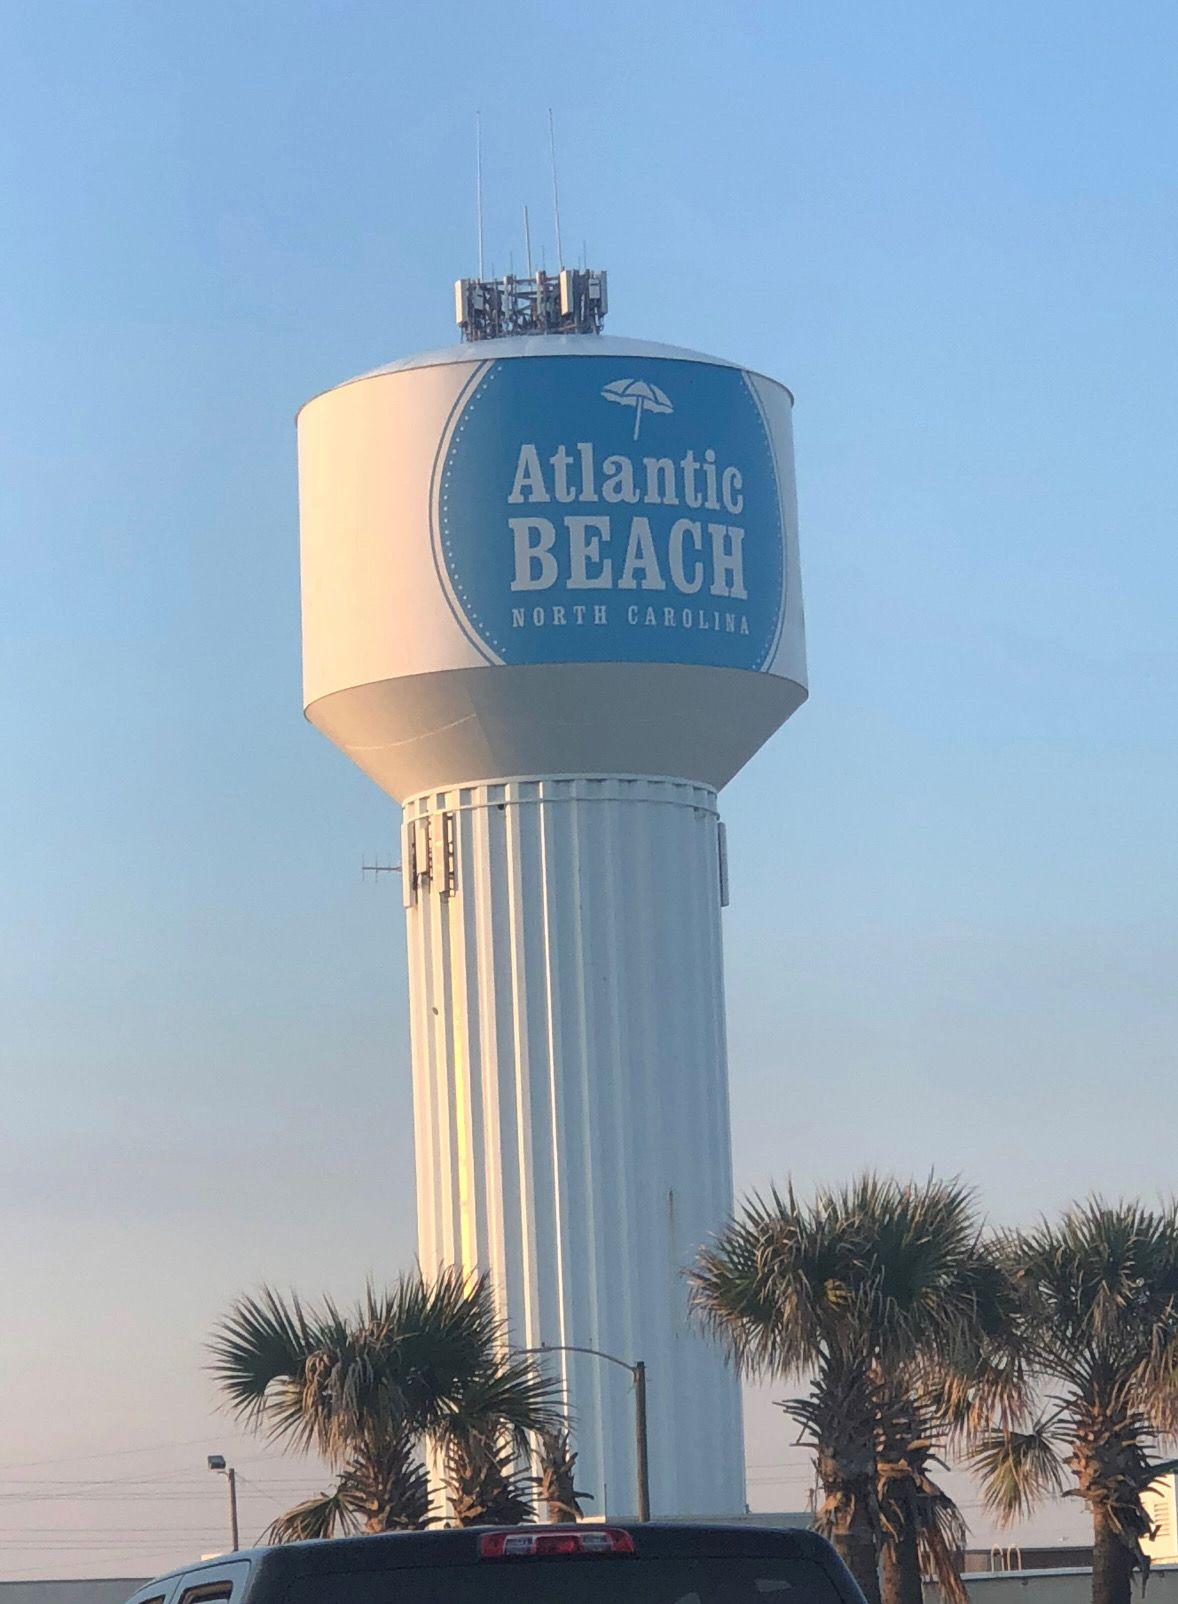 Atlantic Beach NC datingtak vifte ledningsnett hekte